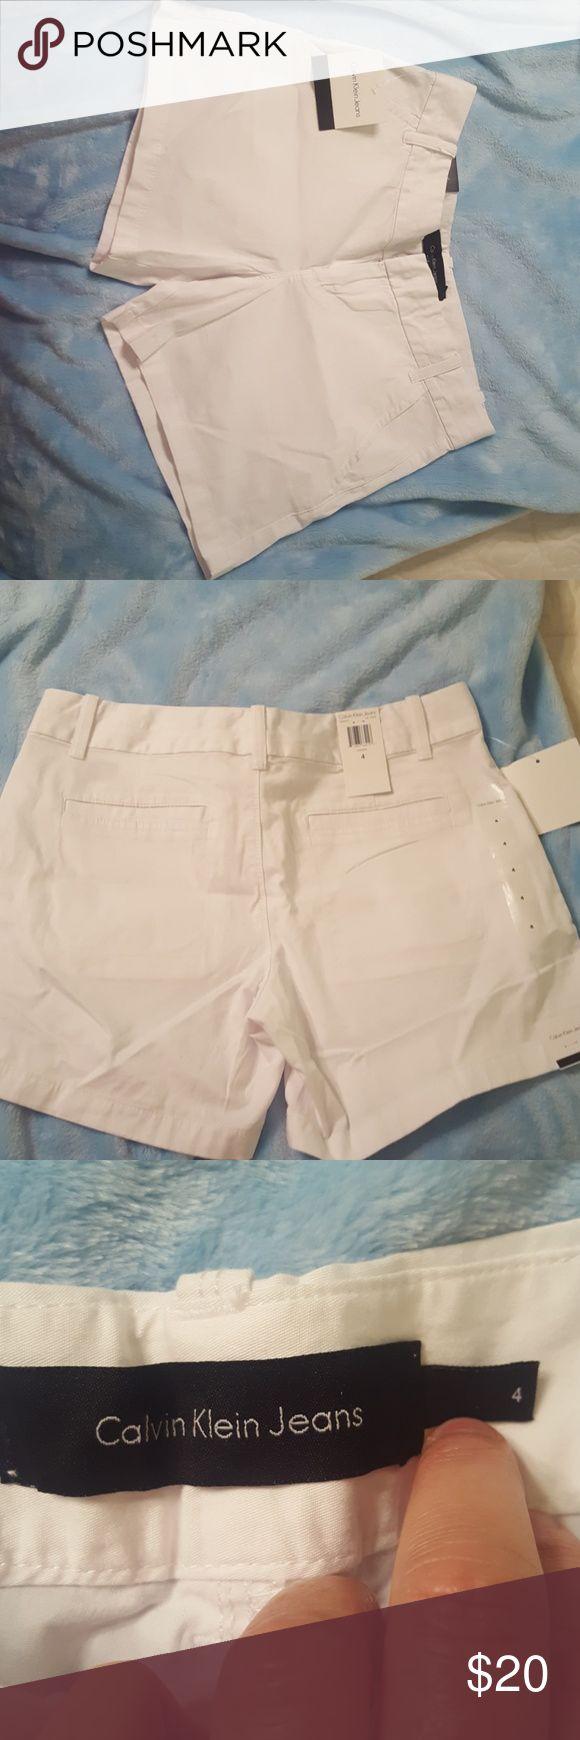 """Calvin Klein white shorts size 4. Calvin Klein white shorts size 4. 5""""'inseam. NWT. Non smoking home. Calvin Klein Shorts"""